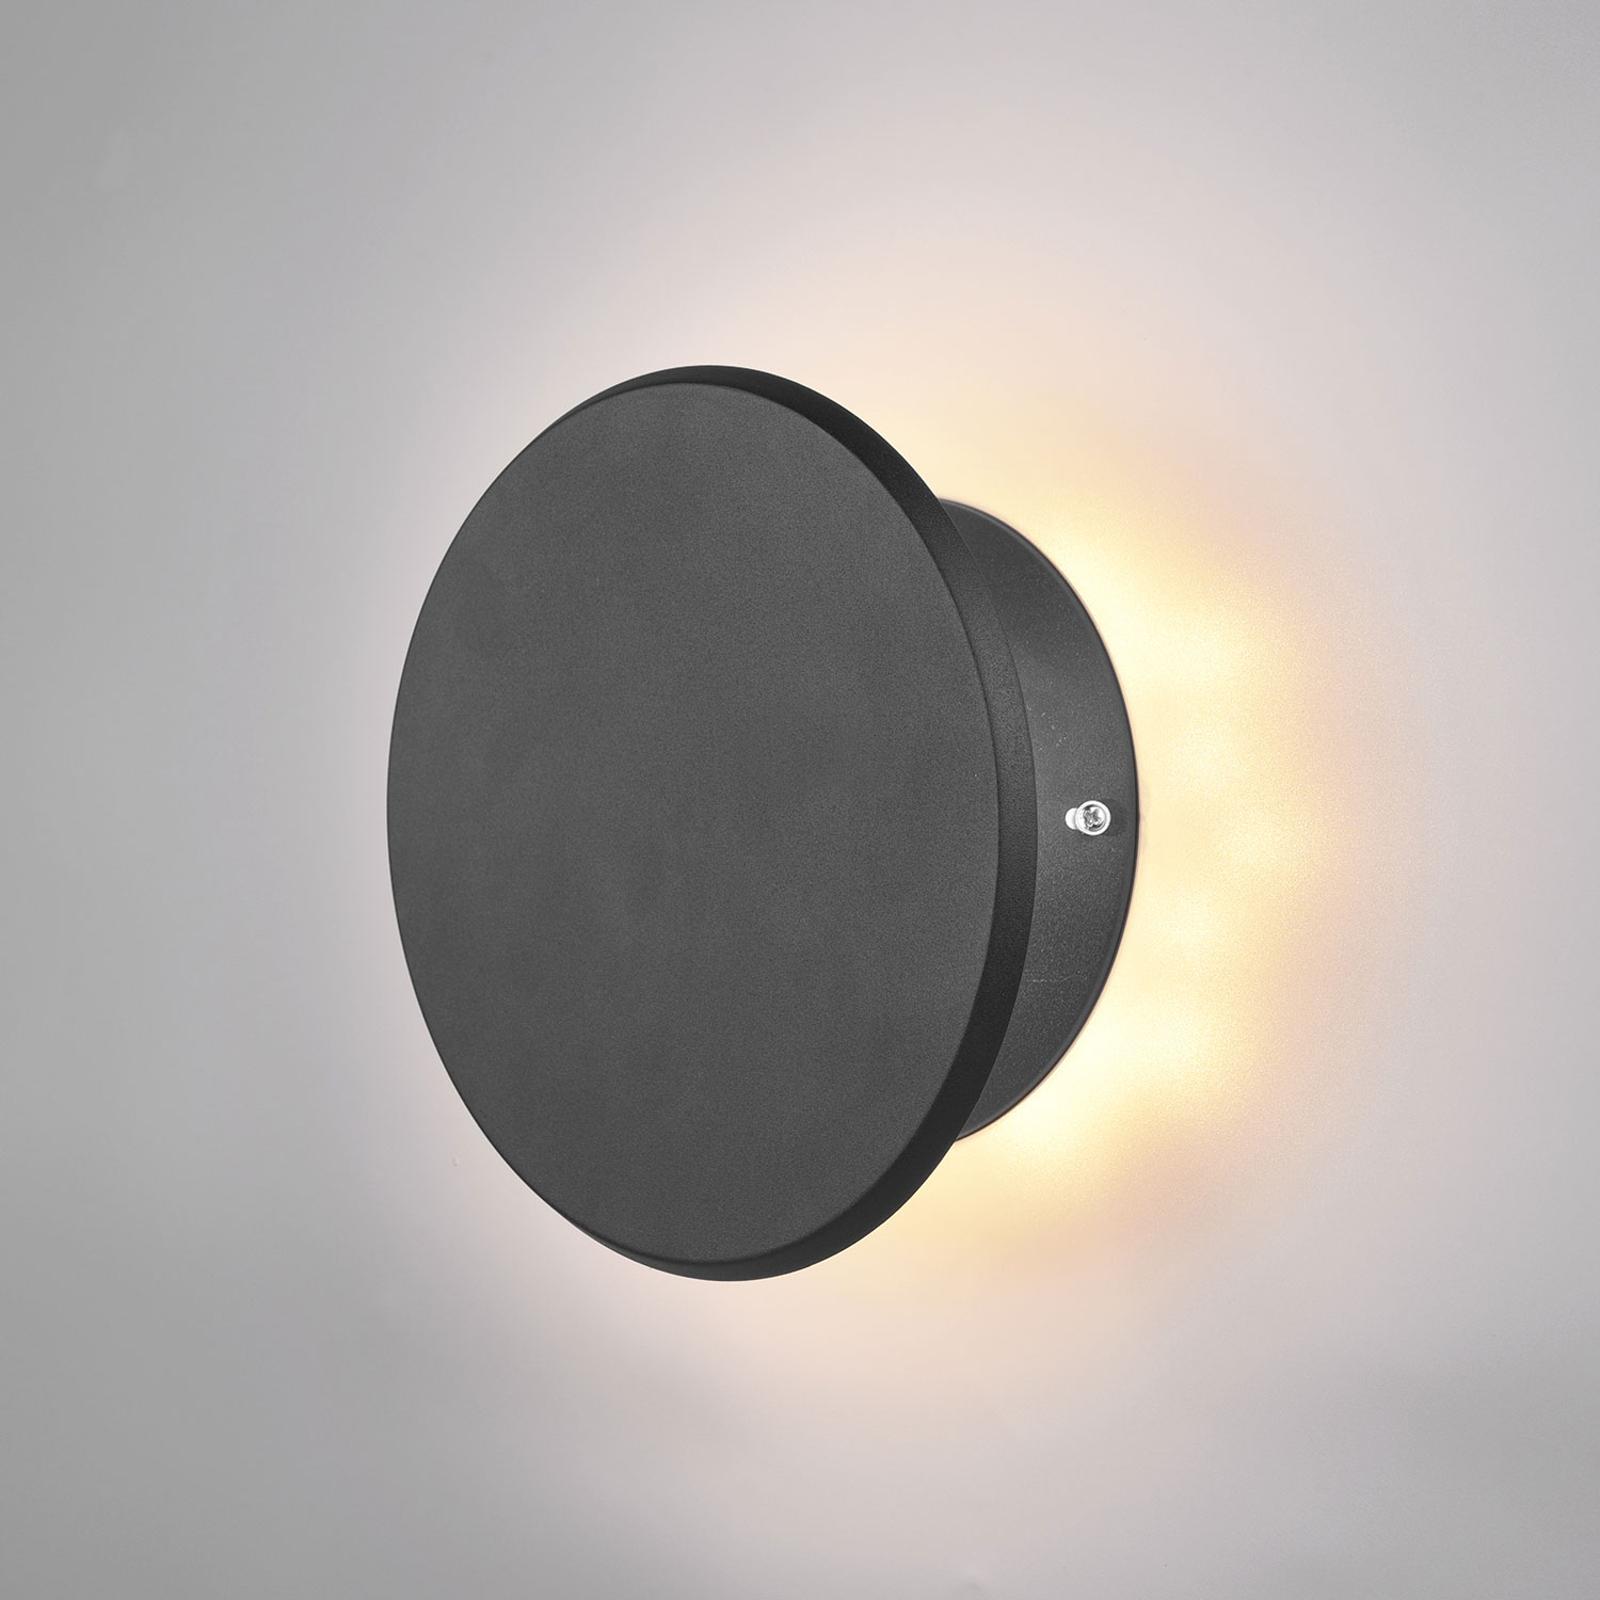 LED-Wandleuchte Gaston, schwenkbar, schwarz